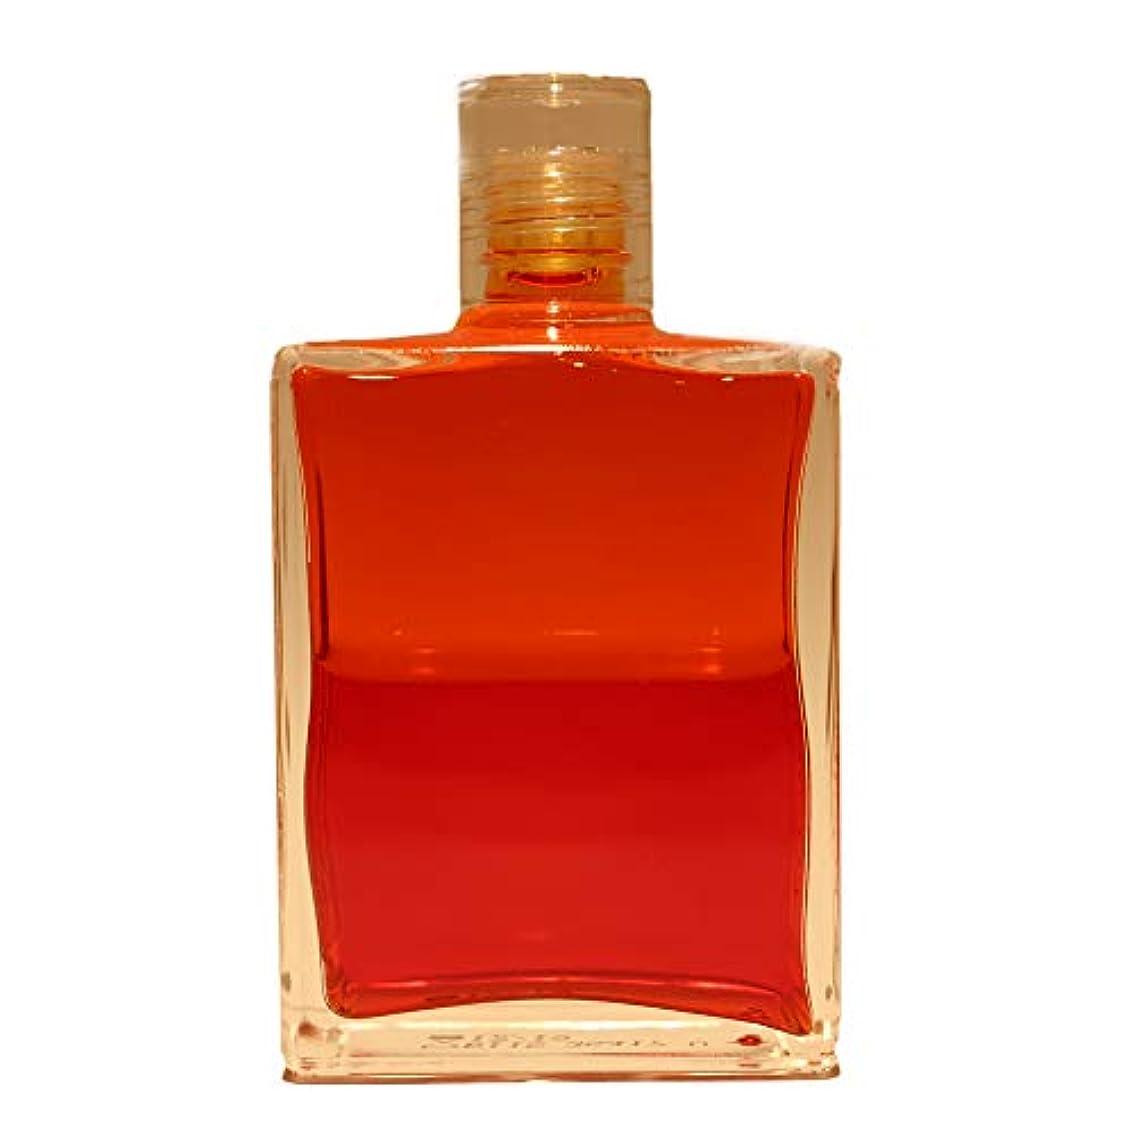 誰のお茶セットアップAURA-SOMA PRODUCTS オーラソーマ イクイリブリアム B115 大天使ケミエルとアリエル 化粧水 オレンジ/レッド 50ml